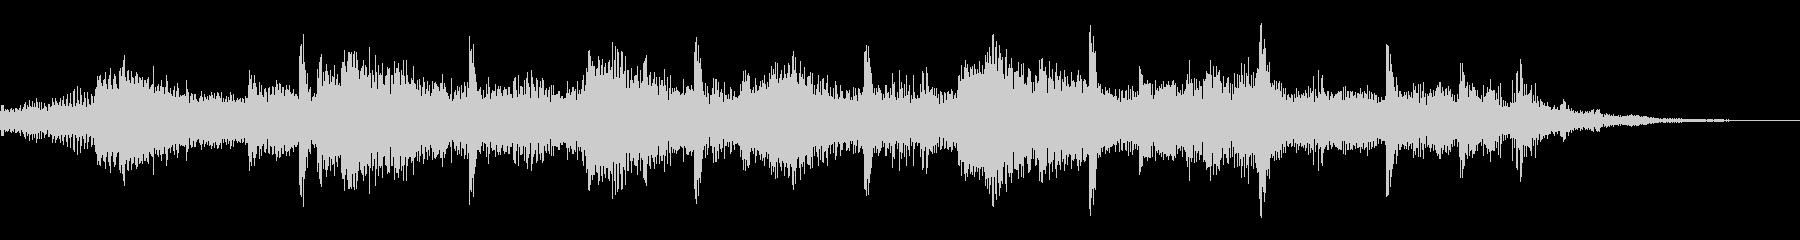 サウンドロゴ【海】潮風砂浜(効果音なし)の未再生の波形